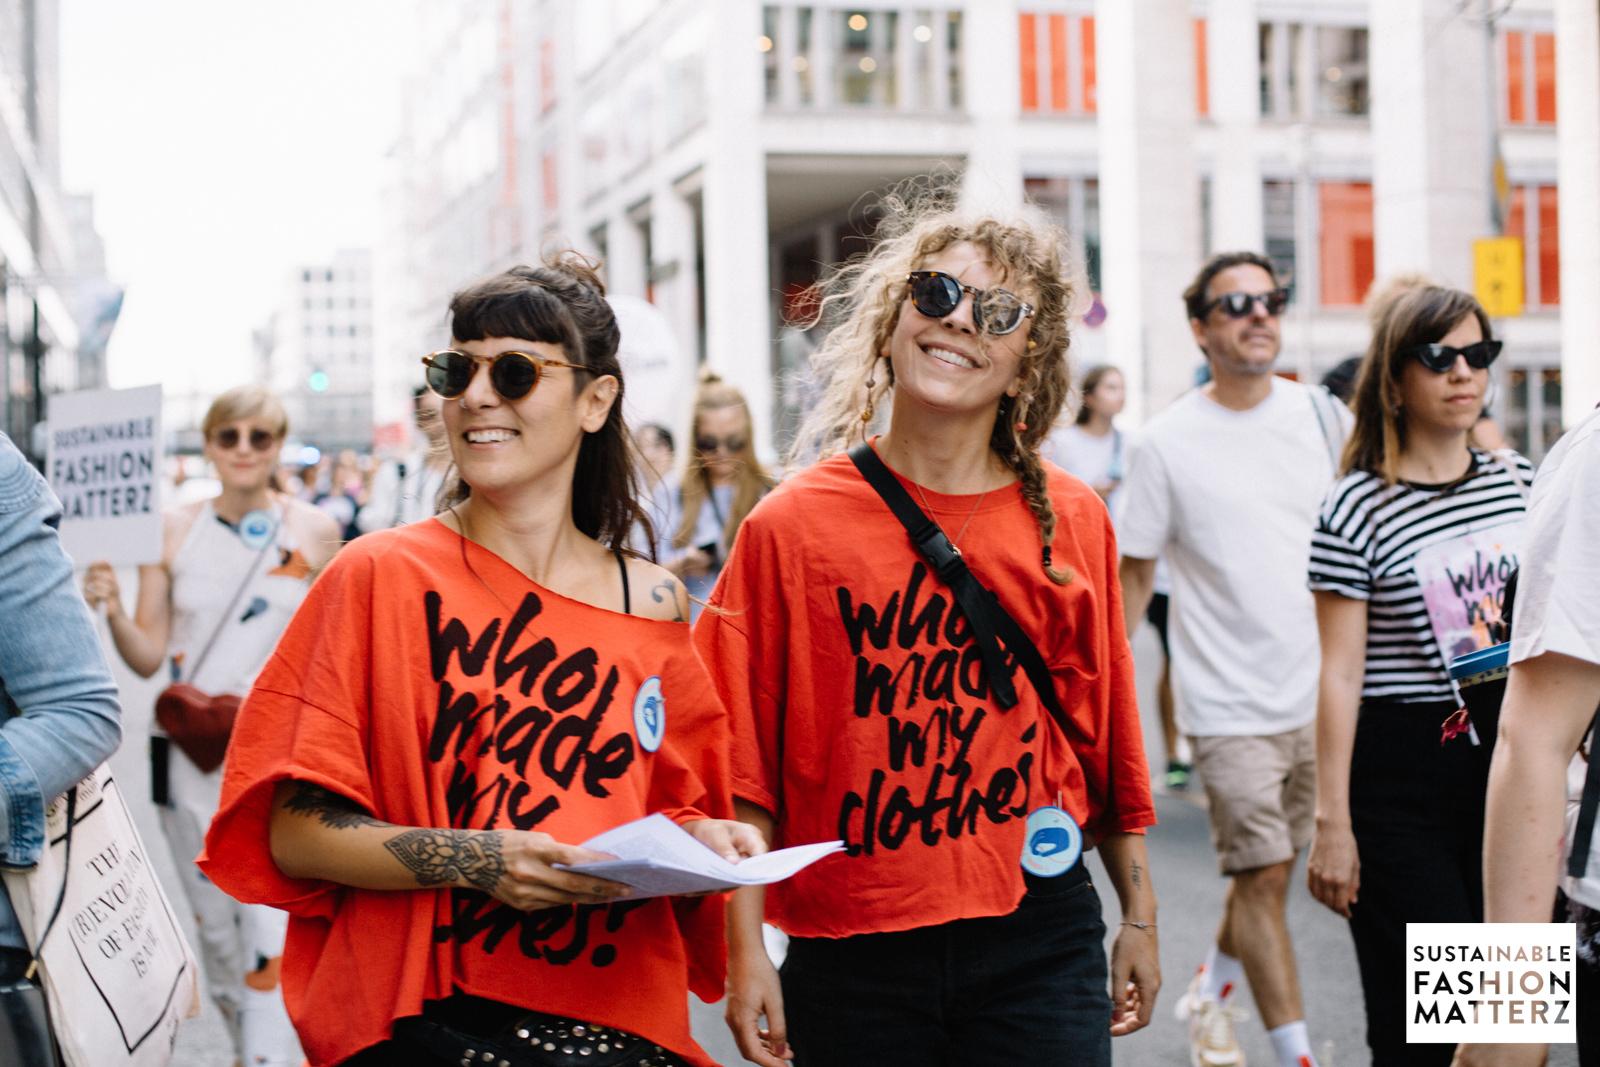 fashion-revolution-berlin-2019-50.jpg